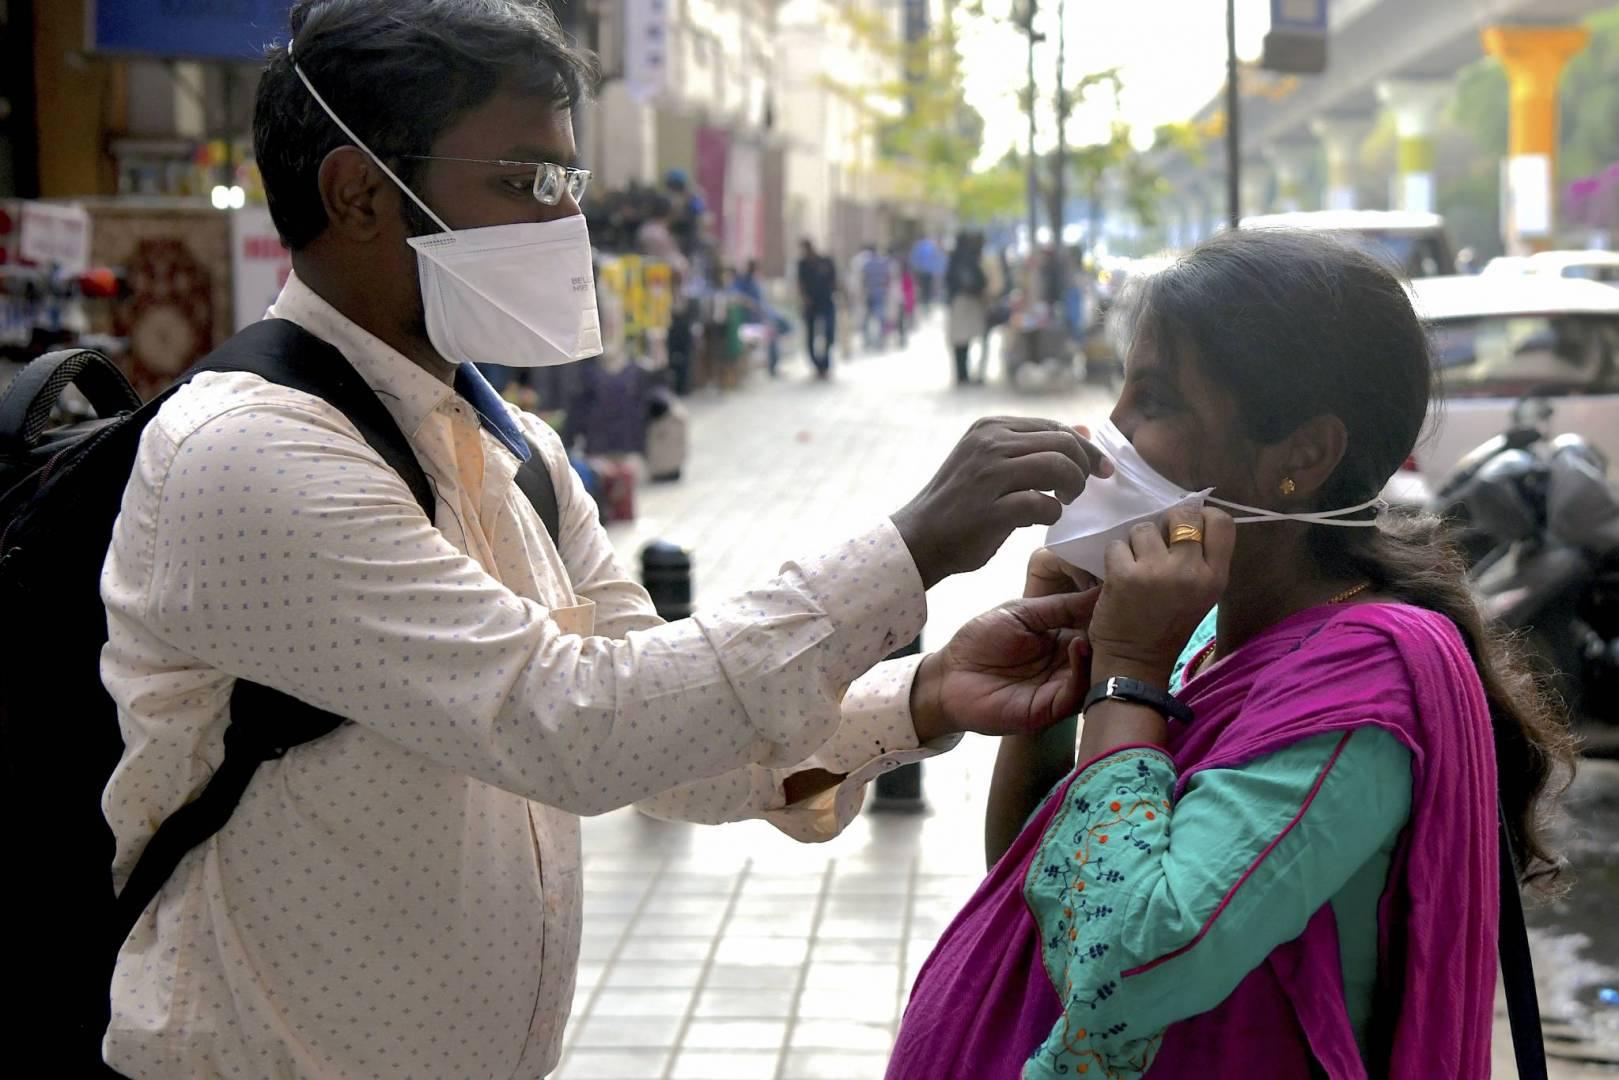 الهند تسجل أقل حصيلة يومية بإصابات كورونا منذ 4 أشهر